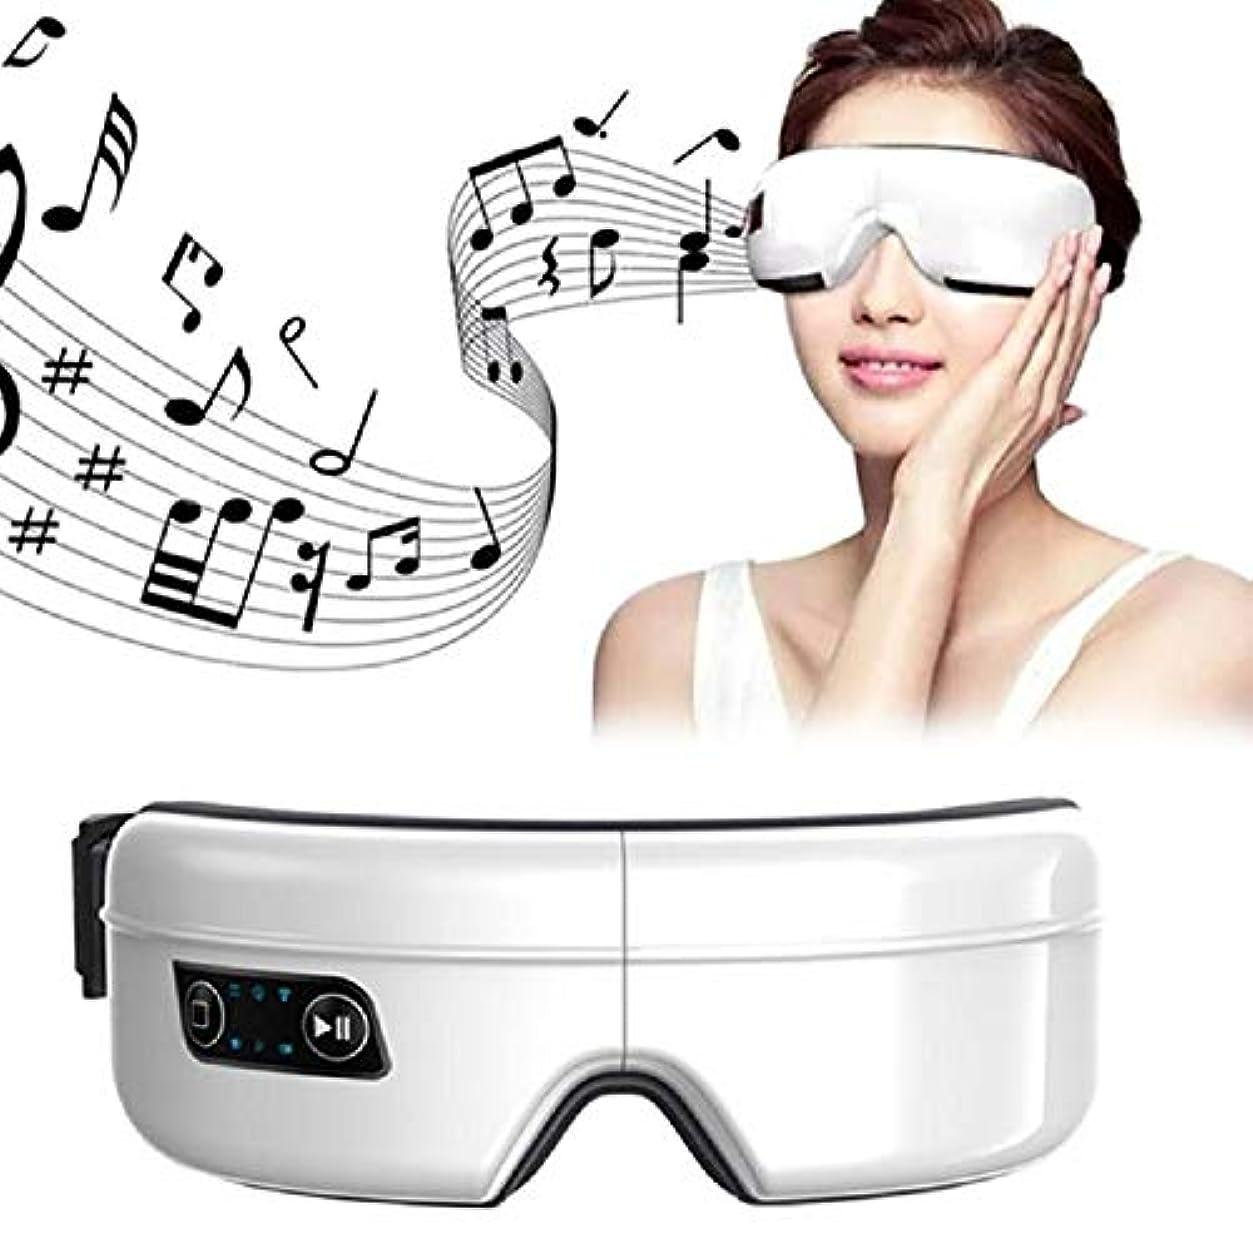 ダッシュ恵みアンカーJxm 高度な電気ワイヤレスアイマッサージSPAの楽器、音楽充電式美容ツール うまく設計された